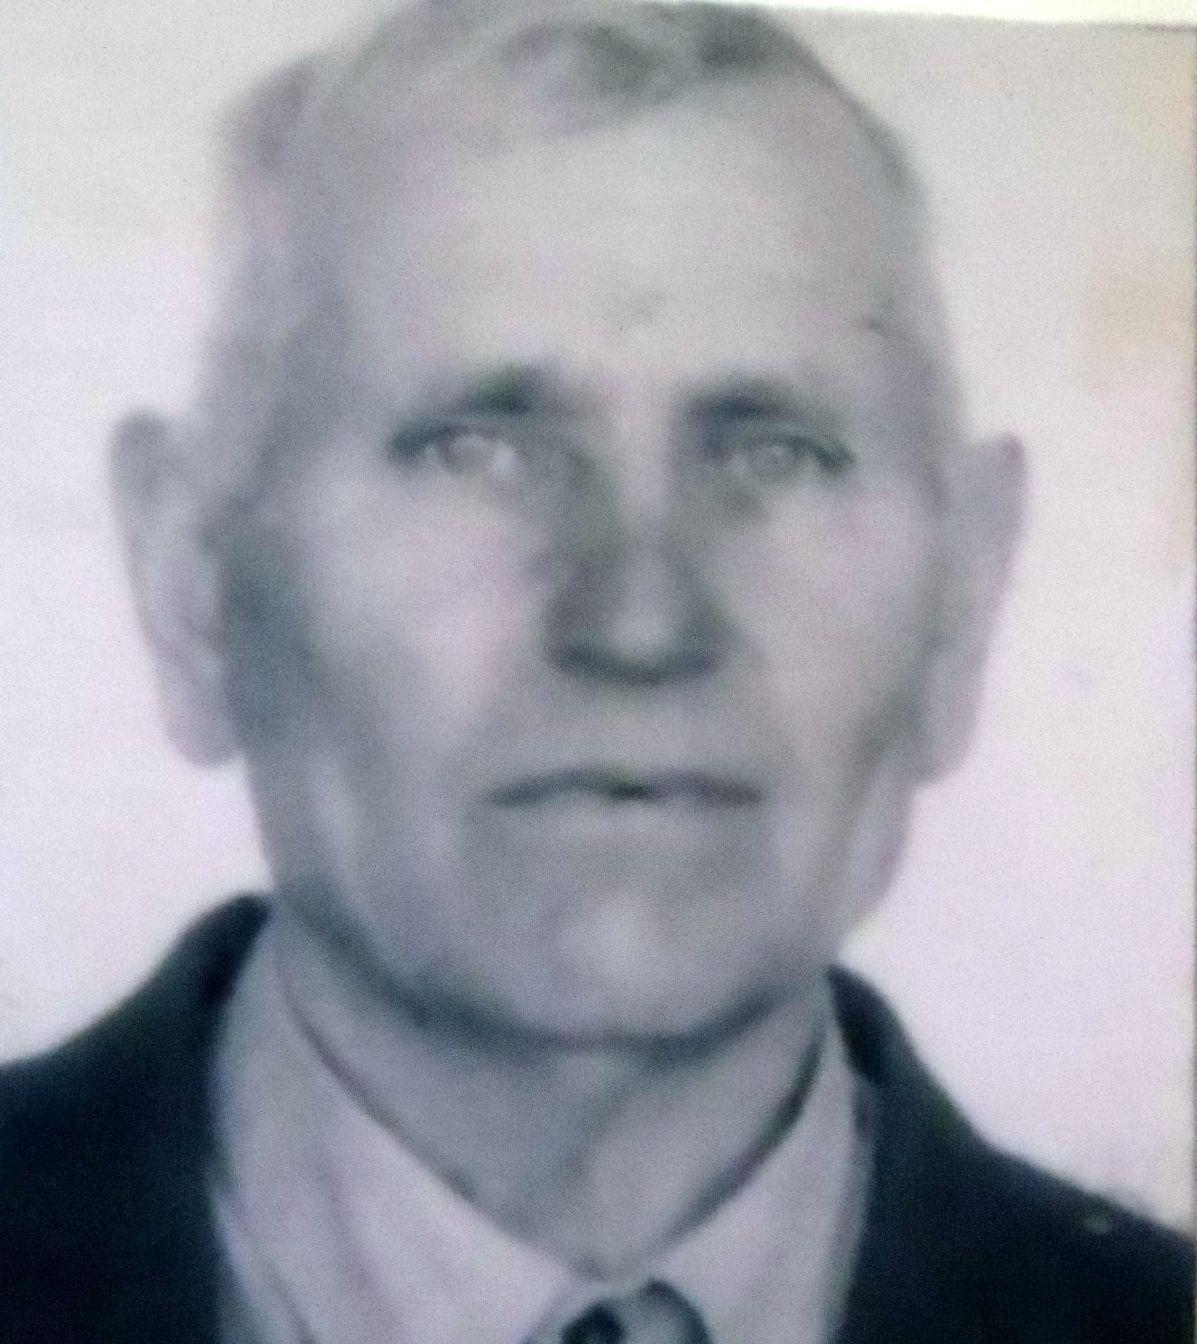 ВРостовской области полицейские разыскивают 78-летнего пенсионера Ростов-на-Дону